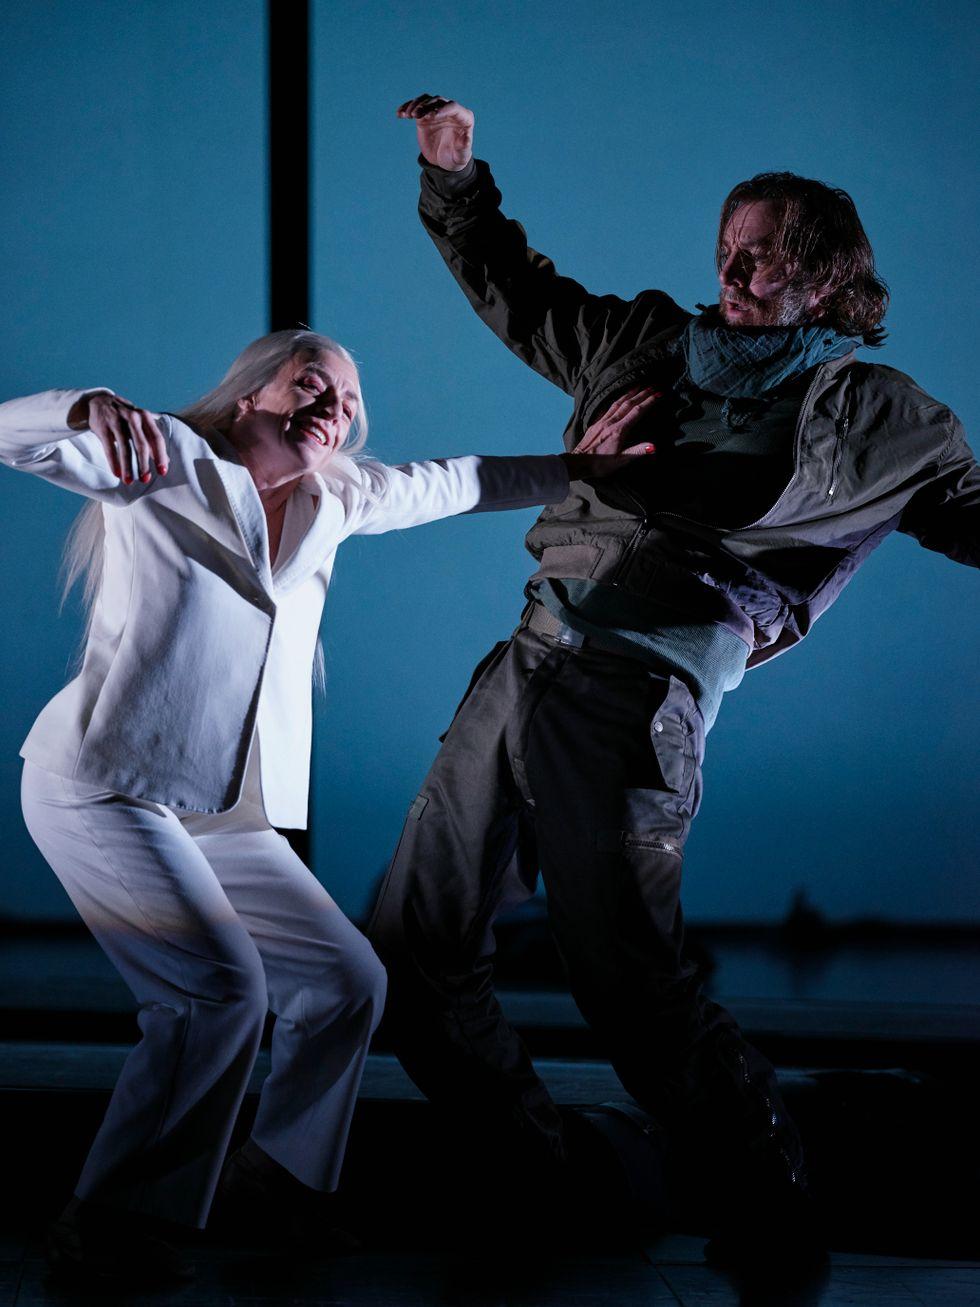 Charlotta Öfverholm som Döden dansar tillsammans med Magnus Krepper det spel om en frist som han ber om.